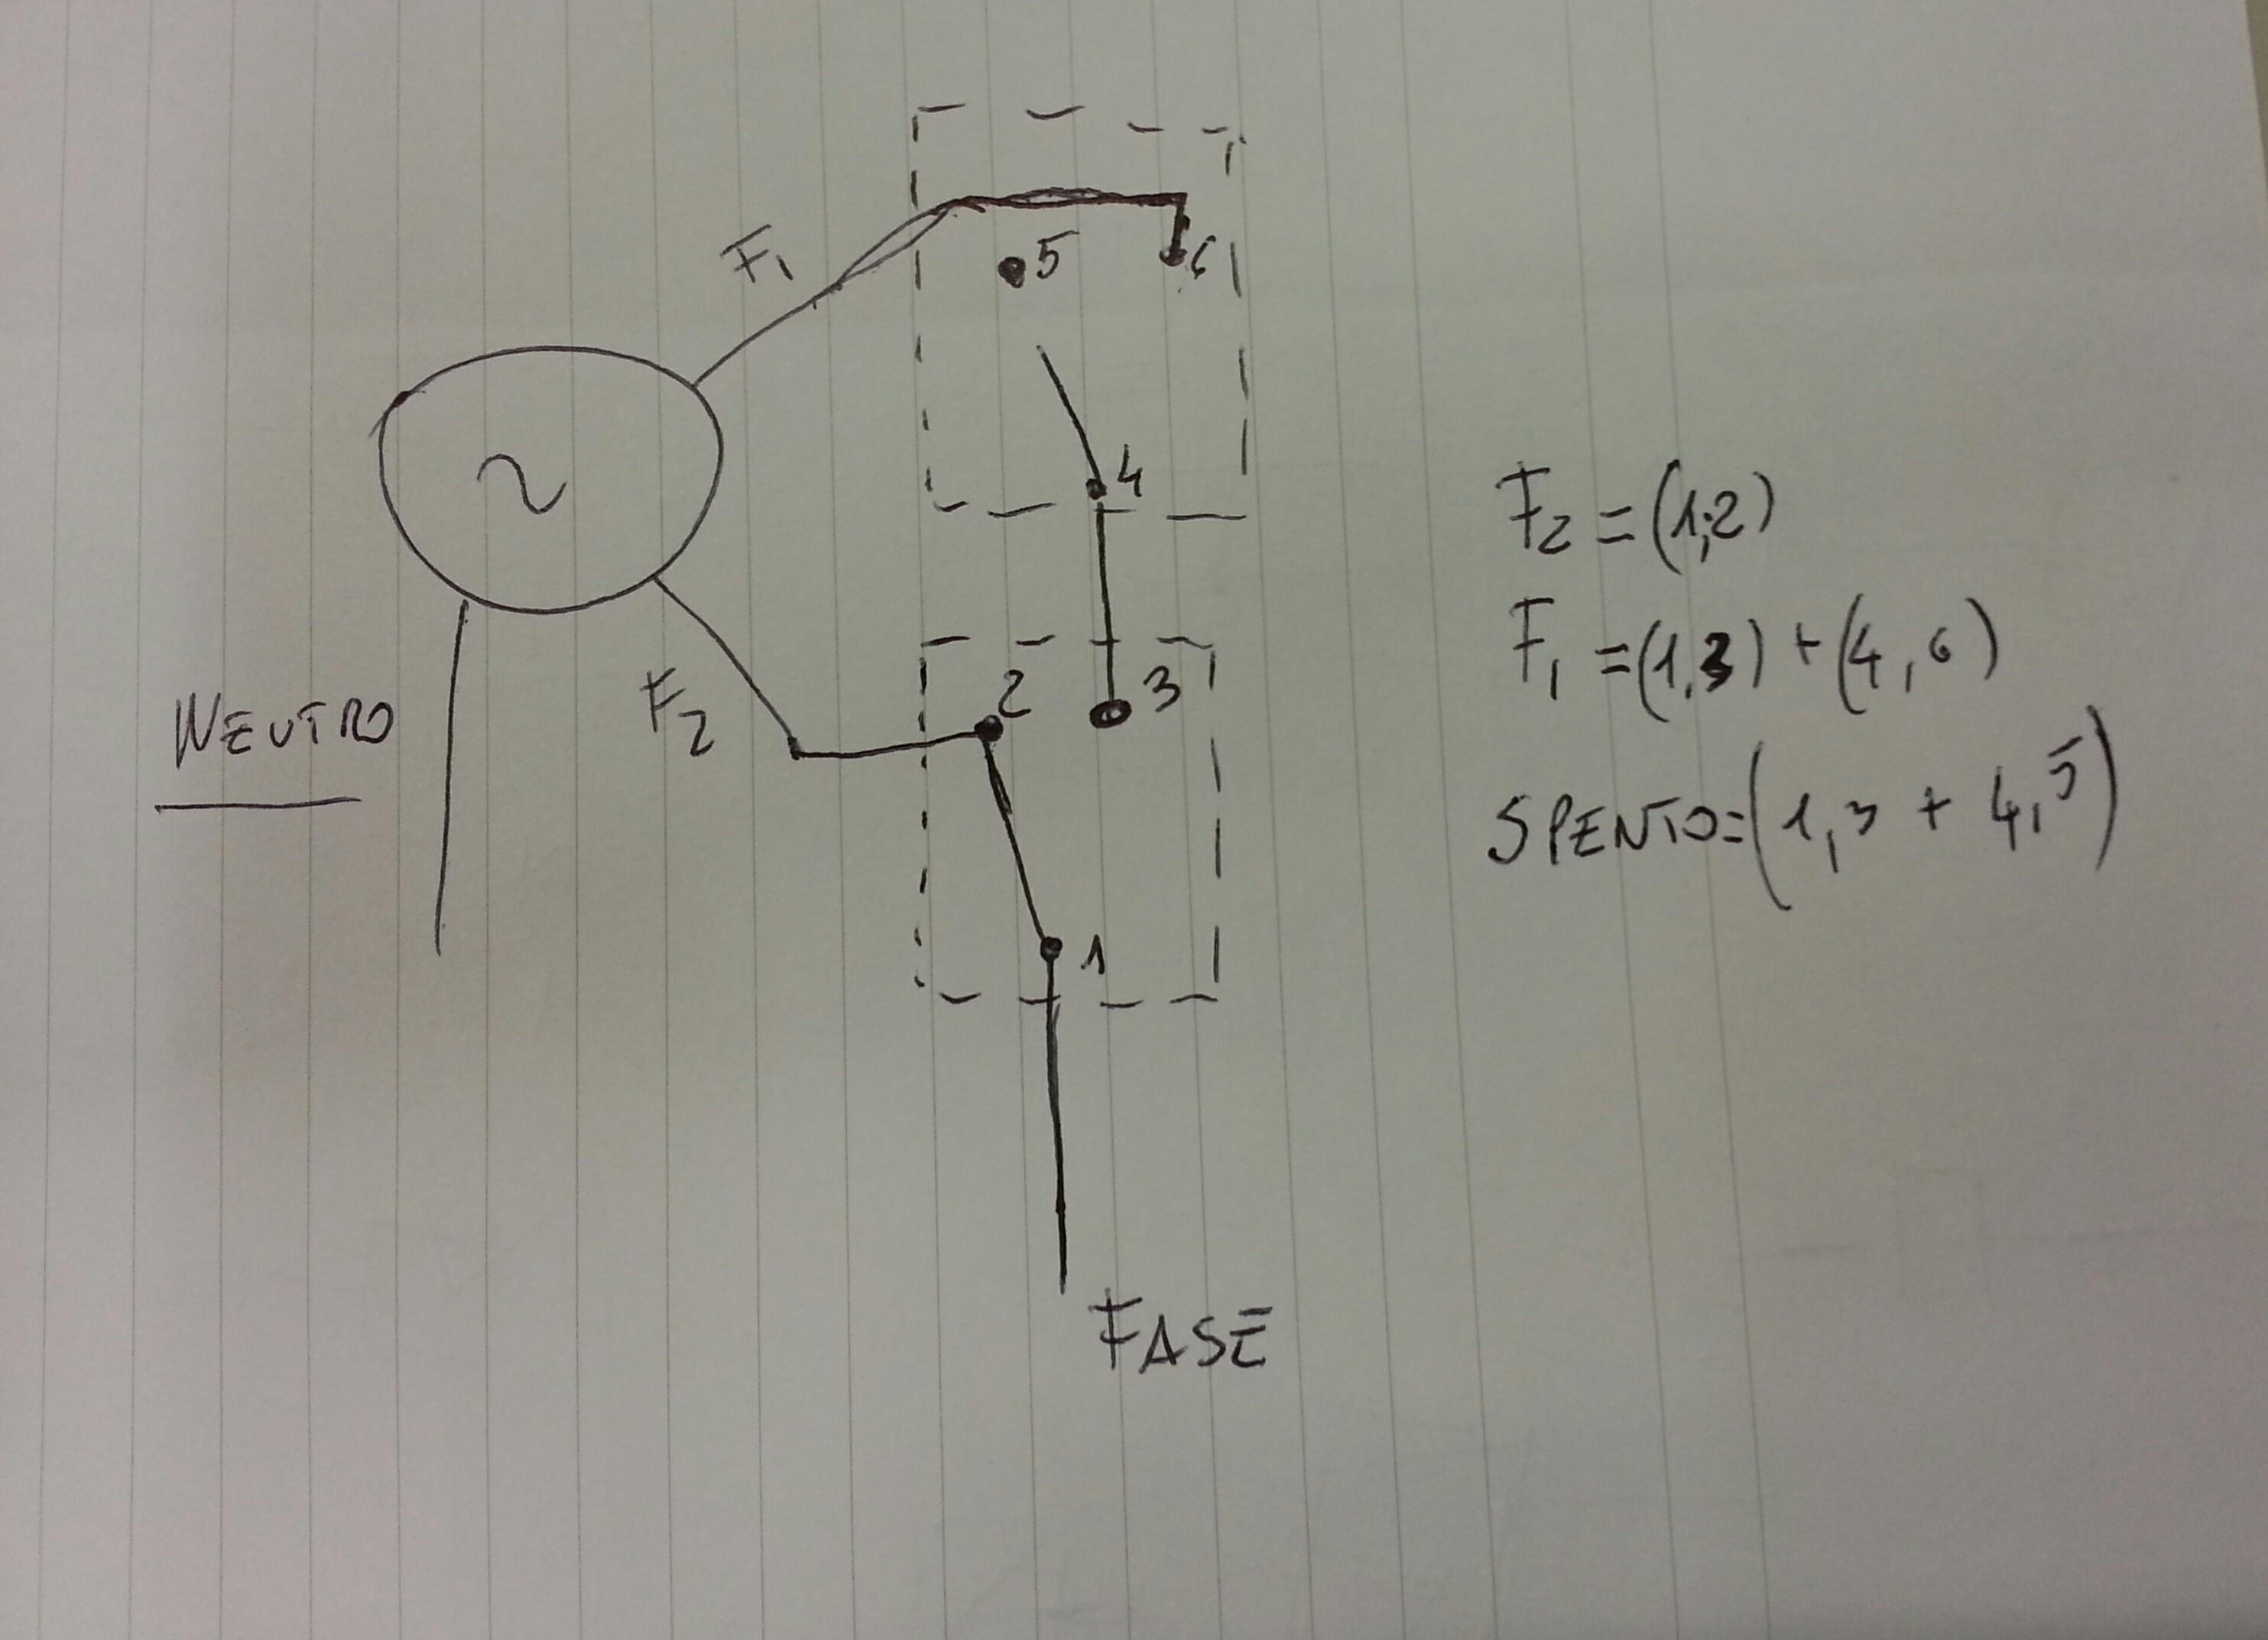 Schema Elettrico Per Doppio Interruttore : Schema elettrico per doppio interruttore